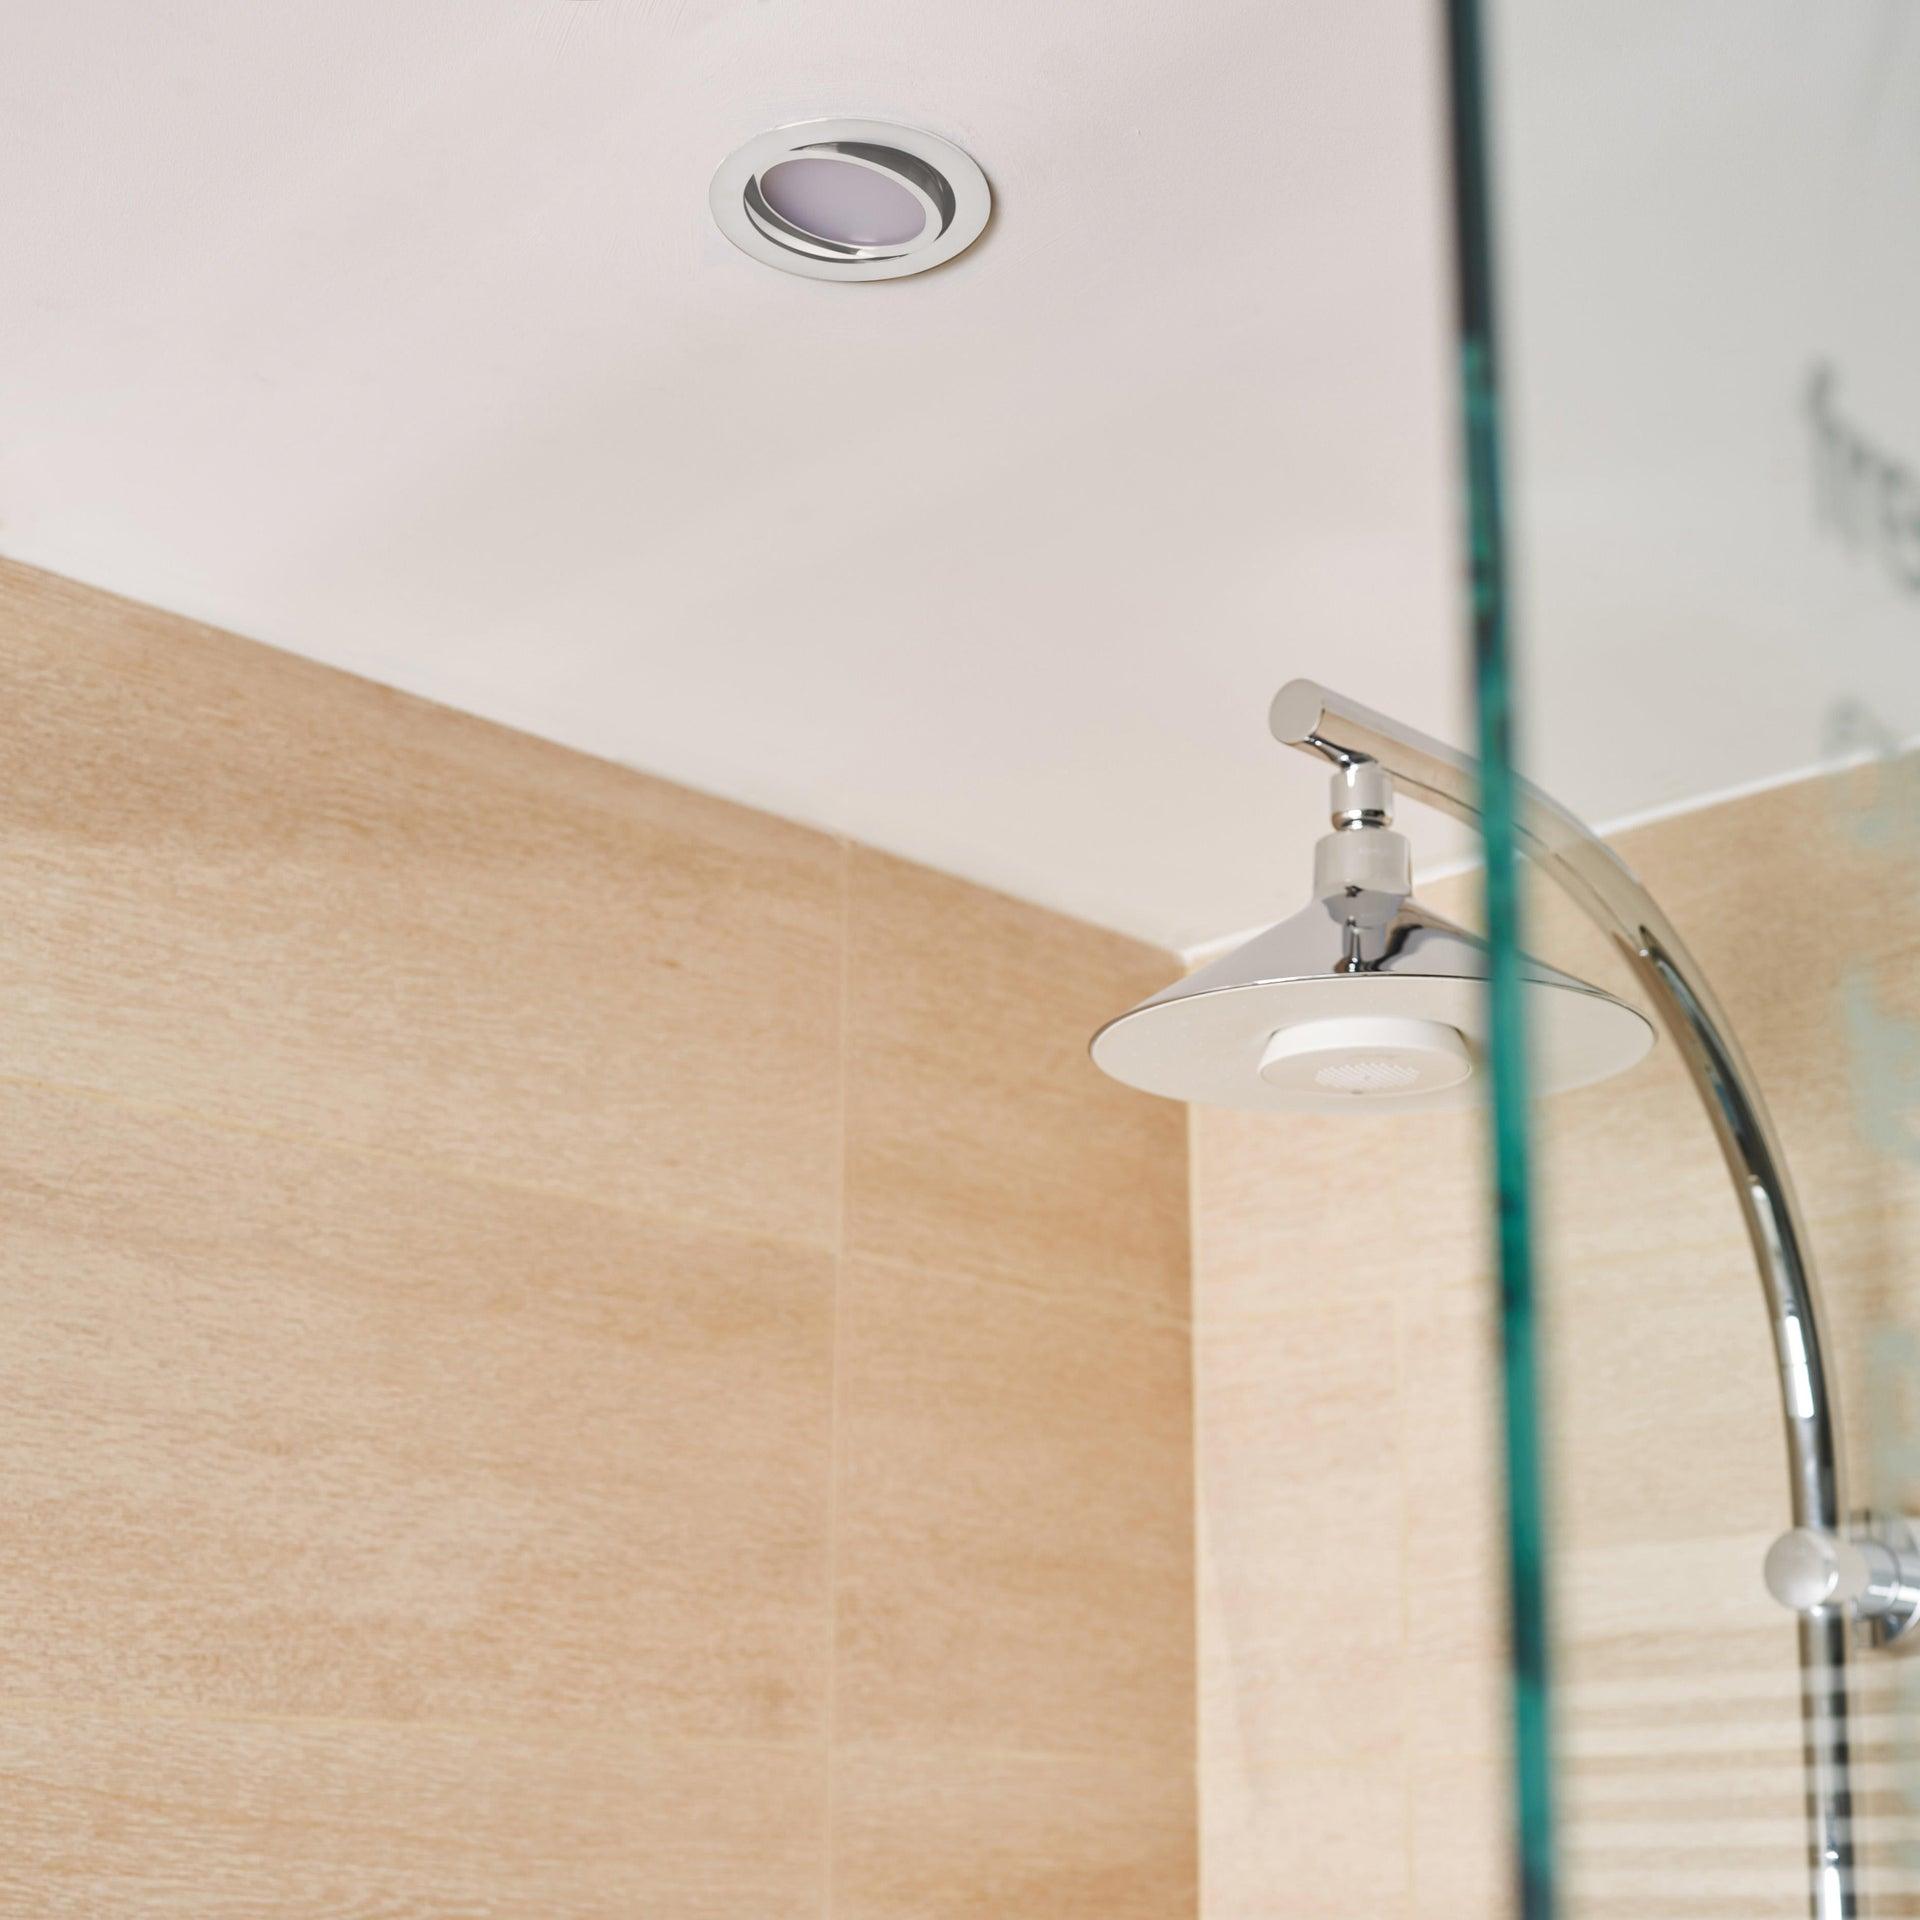 Faretto orientabile da incasso tondo Lindi in Alluminio bianco, diam. 9 cm LED integrato 500LM IP65 INSPIRE - 4